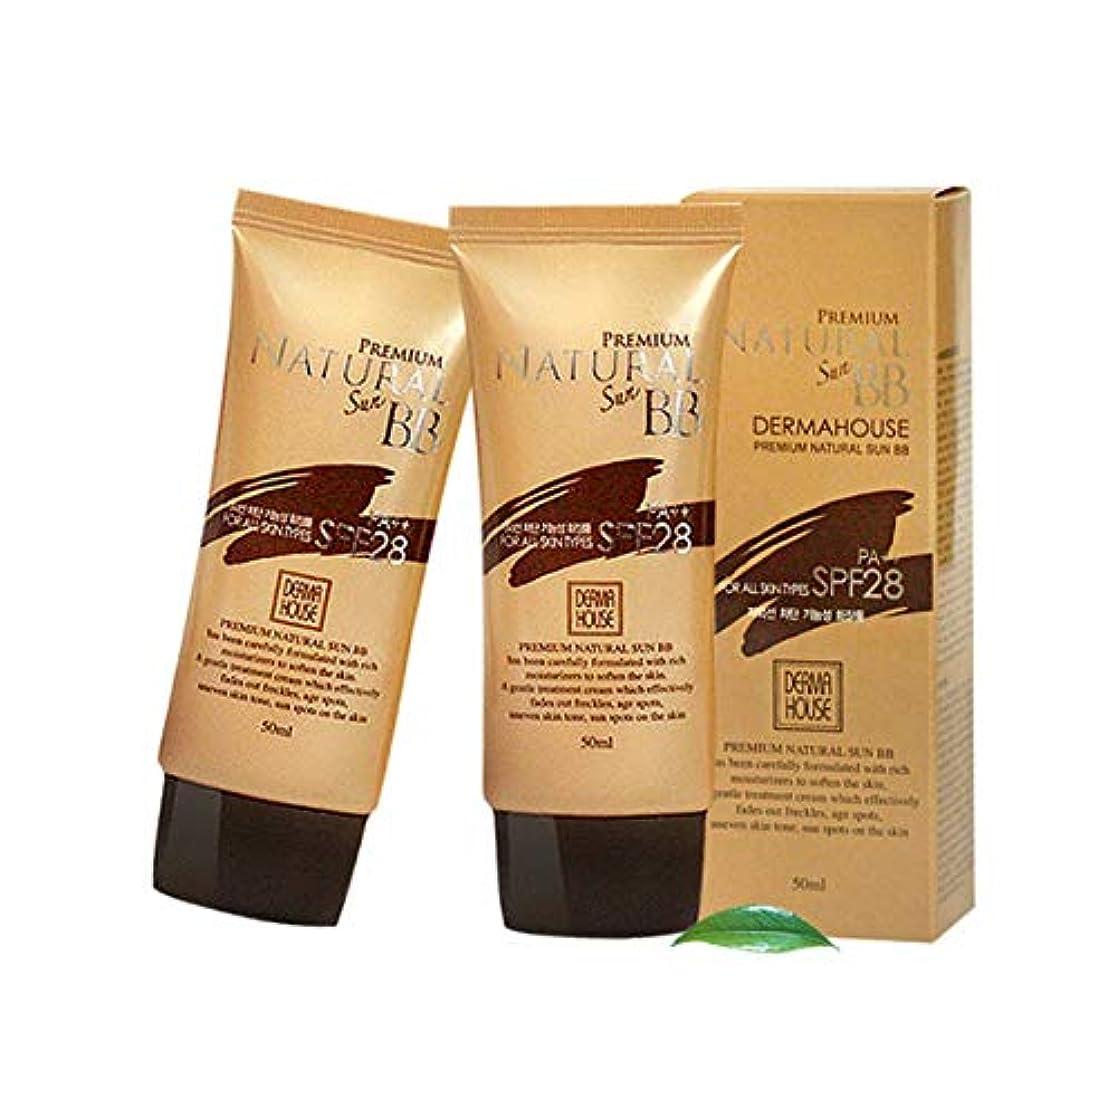 特別な賞賛する意識的ダーマハウスプレミアムナチュラルサンBBクリーム 50mlx2本セット韓国コスメ、Derma House Premium Natural Sun BB Cream 50ml x 2ea Set Korean Cosmetics...